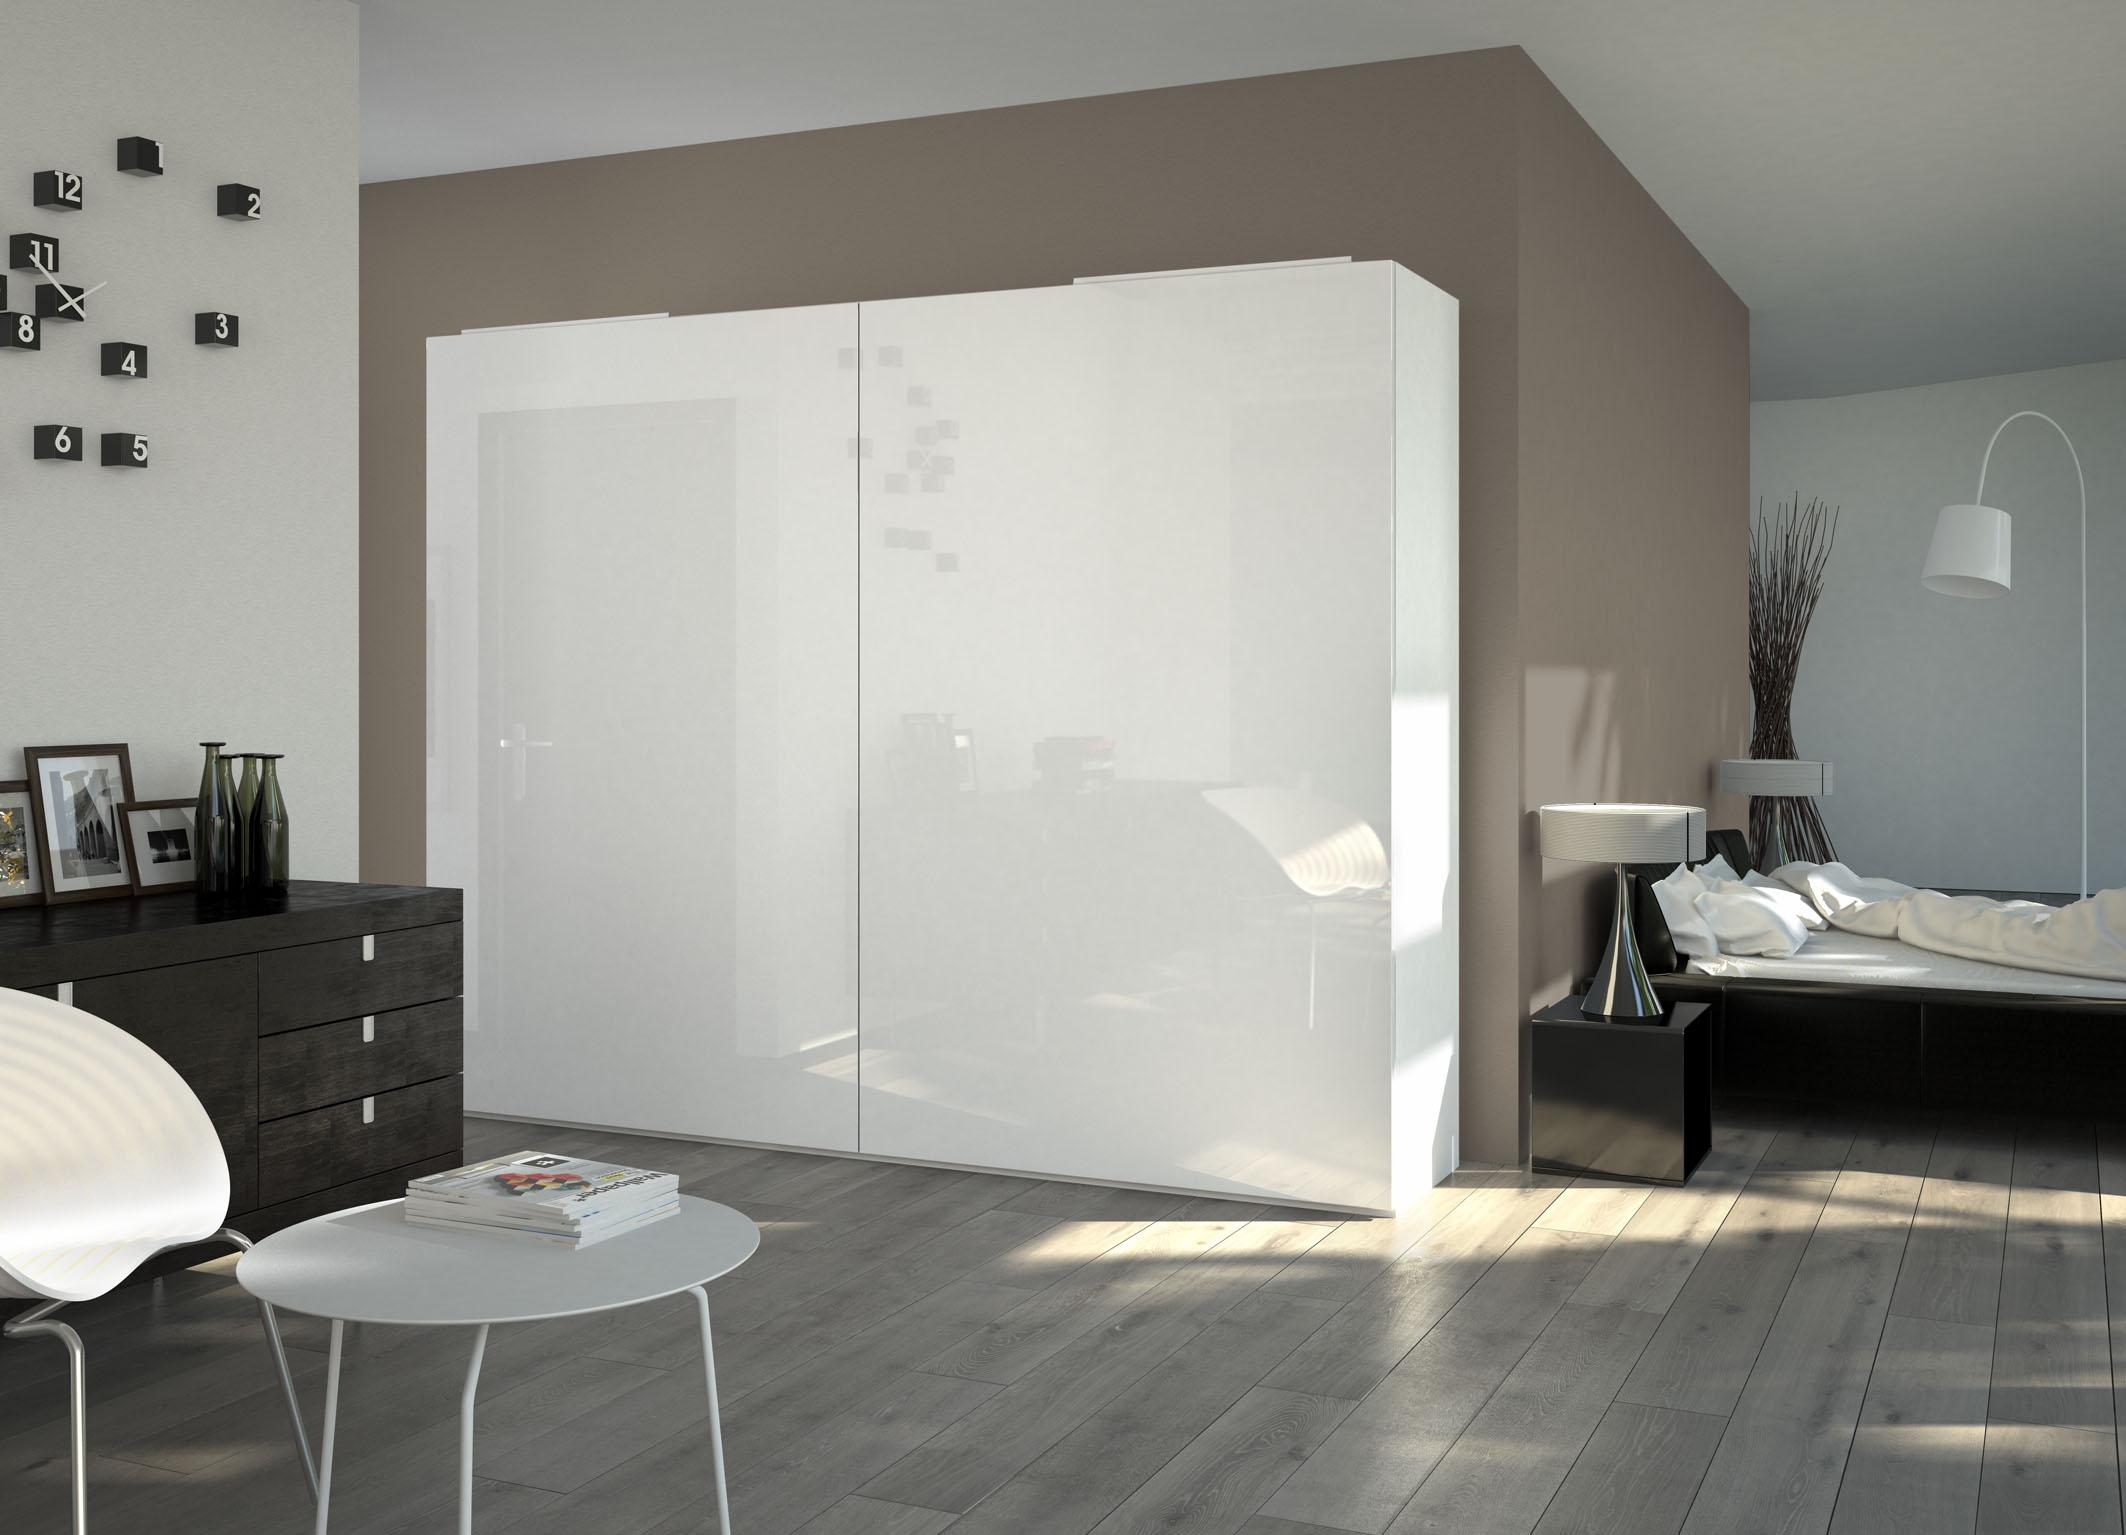 W InLine XL, aby otworzyć drzwi, wystarczy lekko pociągnąć za ich krawędź. Fot. Hettich